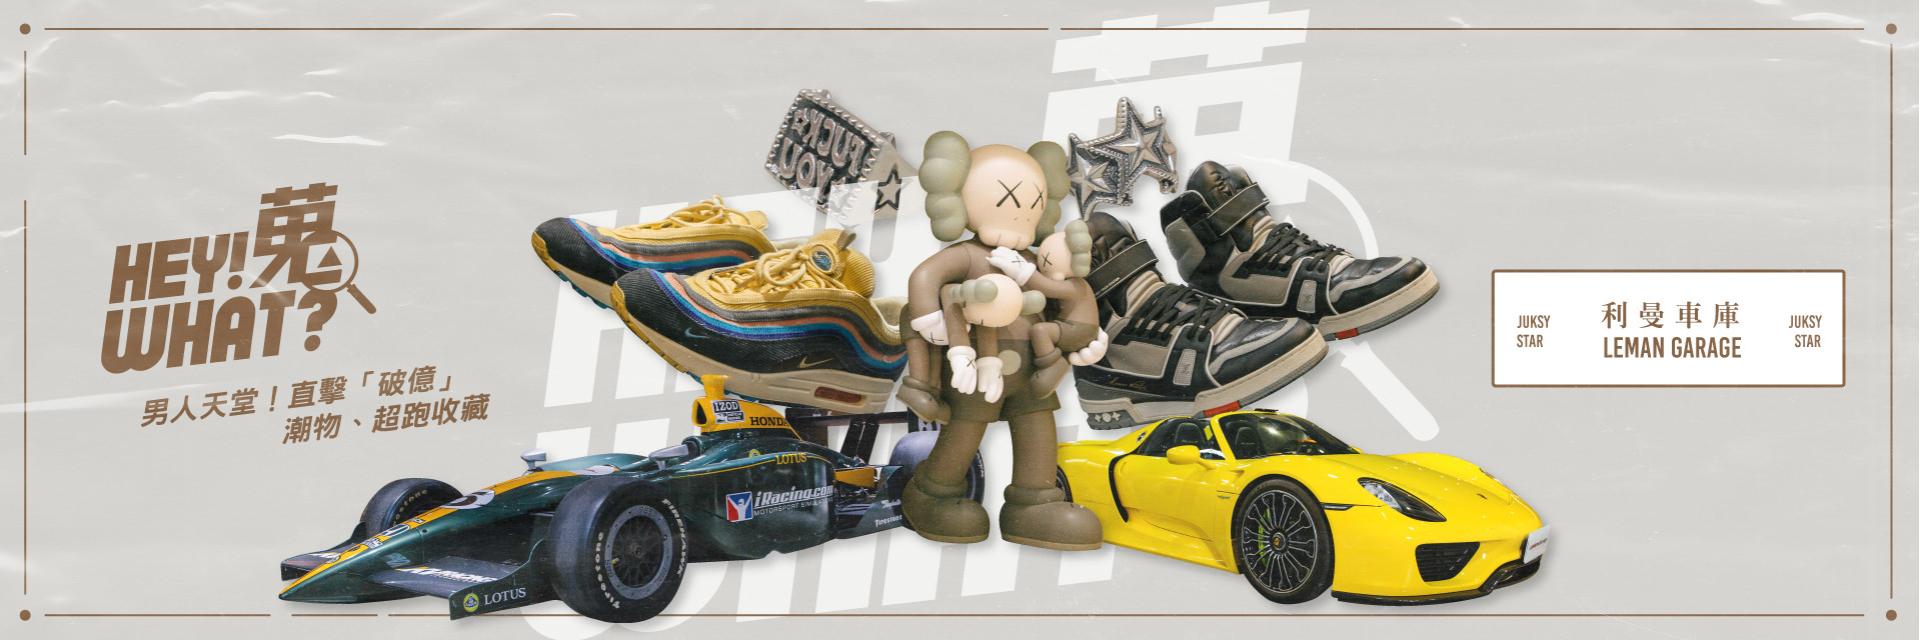 每天開不同超跑是什麼感覺?藍寶堅尼、勞斯萊斯、麥拉倫...直擊利曼車庫總價「破億」的潮物、超跑收藏